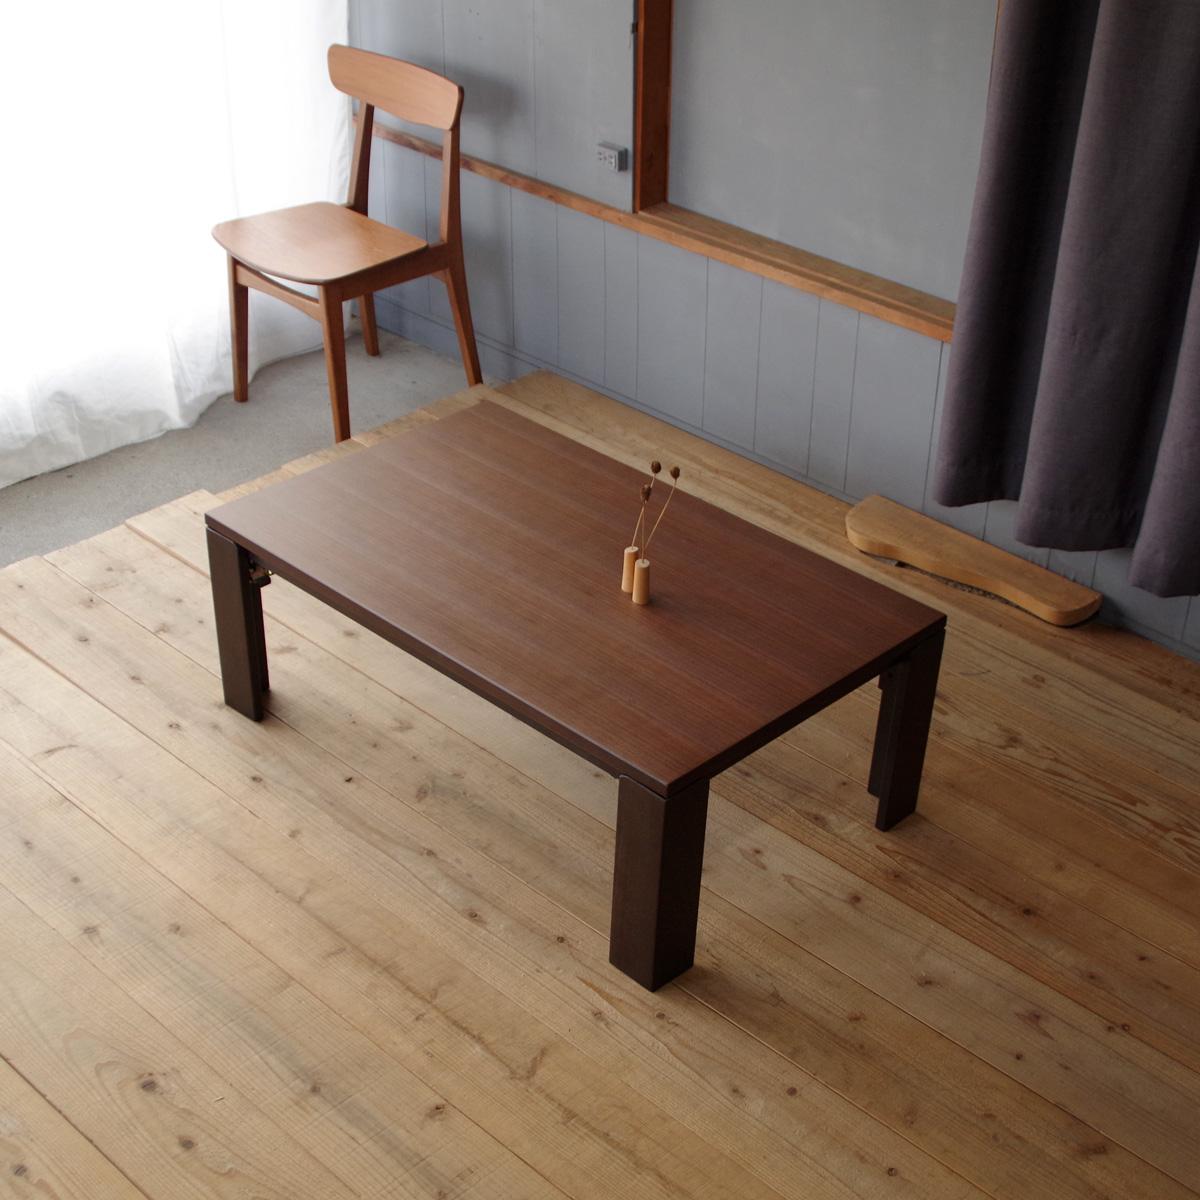 とってもおとくなこたつ K-monikaこたつ 105 長方形 ナラ | ウォールナット|北欧|和風|モダン|シンプル|デザイン||おしゃれ|かわいい||日本製|座卓|円卓||国産ローテーブル|ローテーブル|机